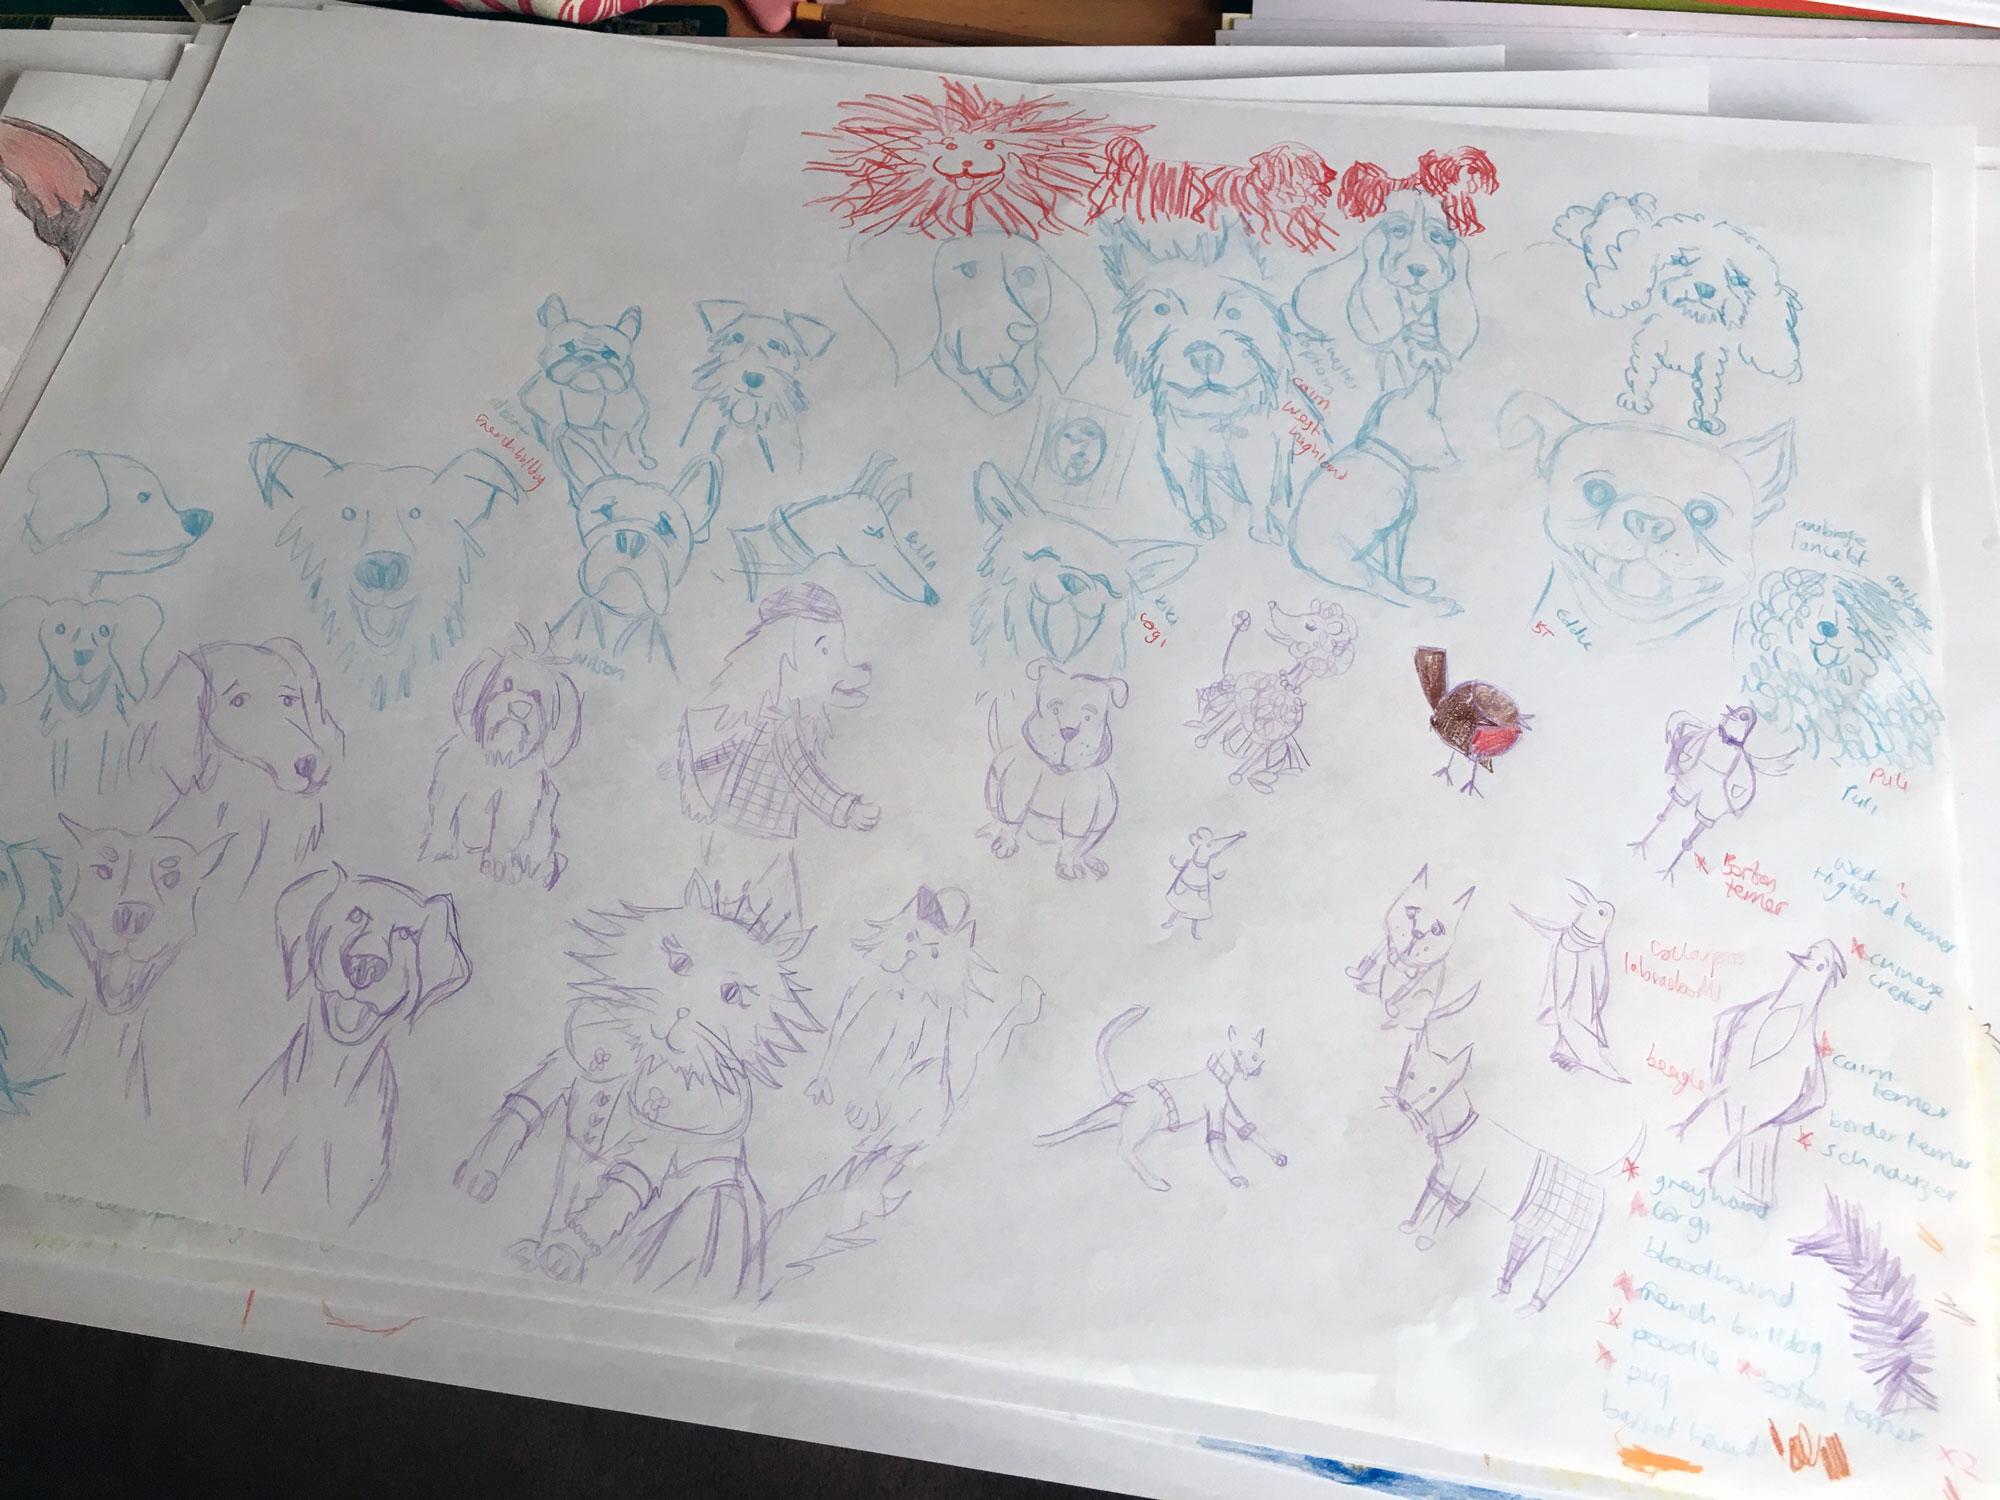 Initial scribbles